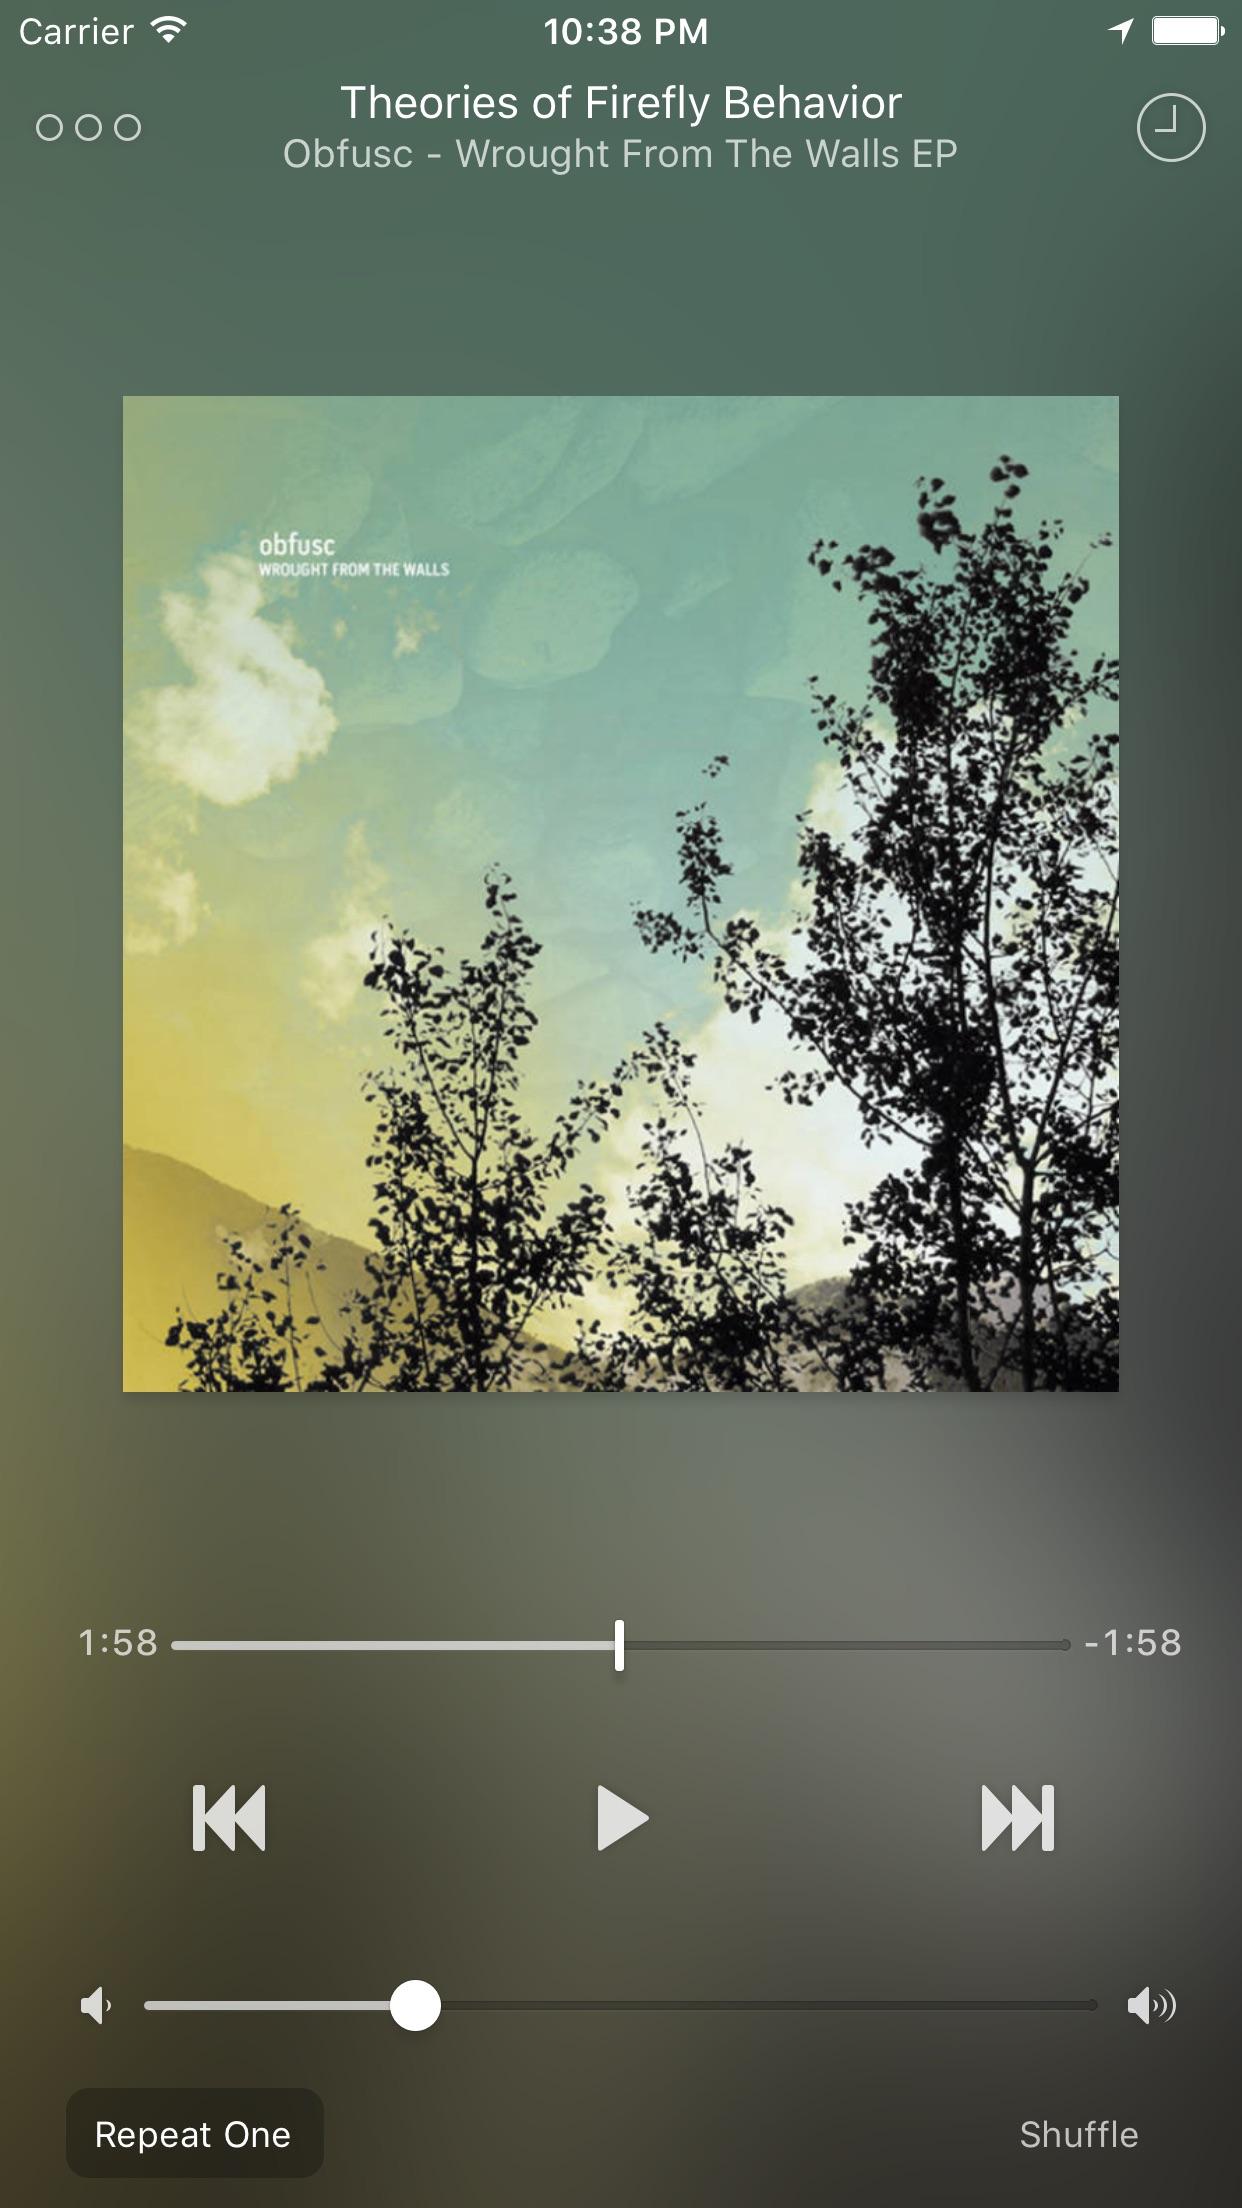 Ecoute Screenshot